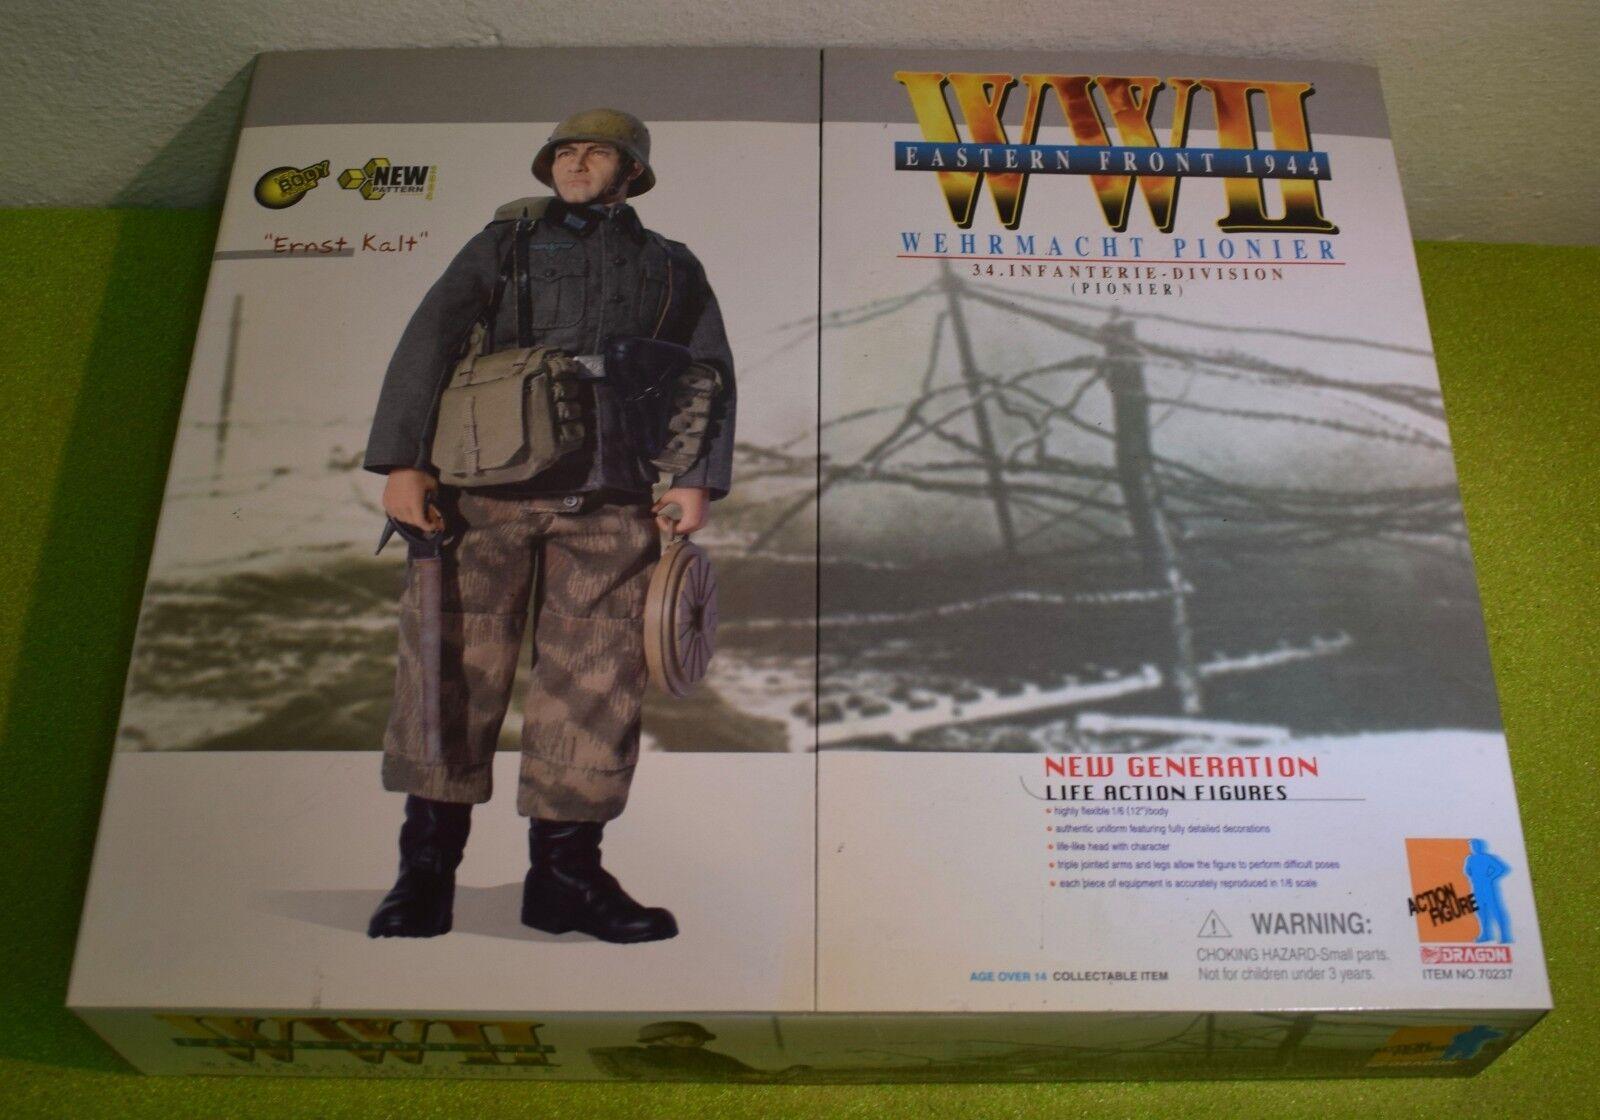 DRAGON 1/6 SCALE WW II GERMAN ERNST KALT WEHRMACHT PIONIER EASTERN FRONT 1944